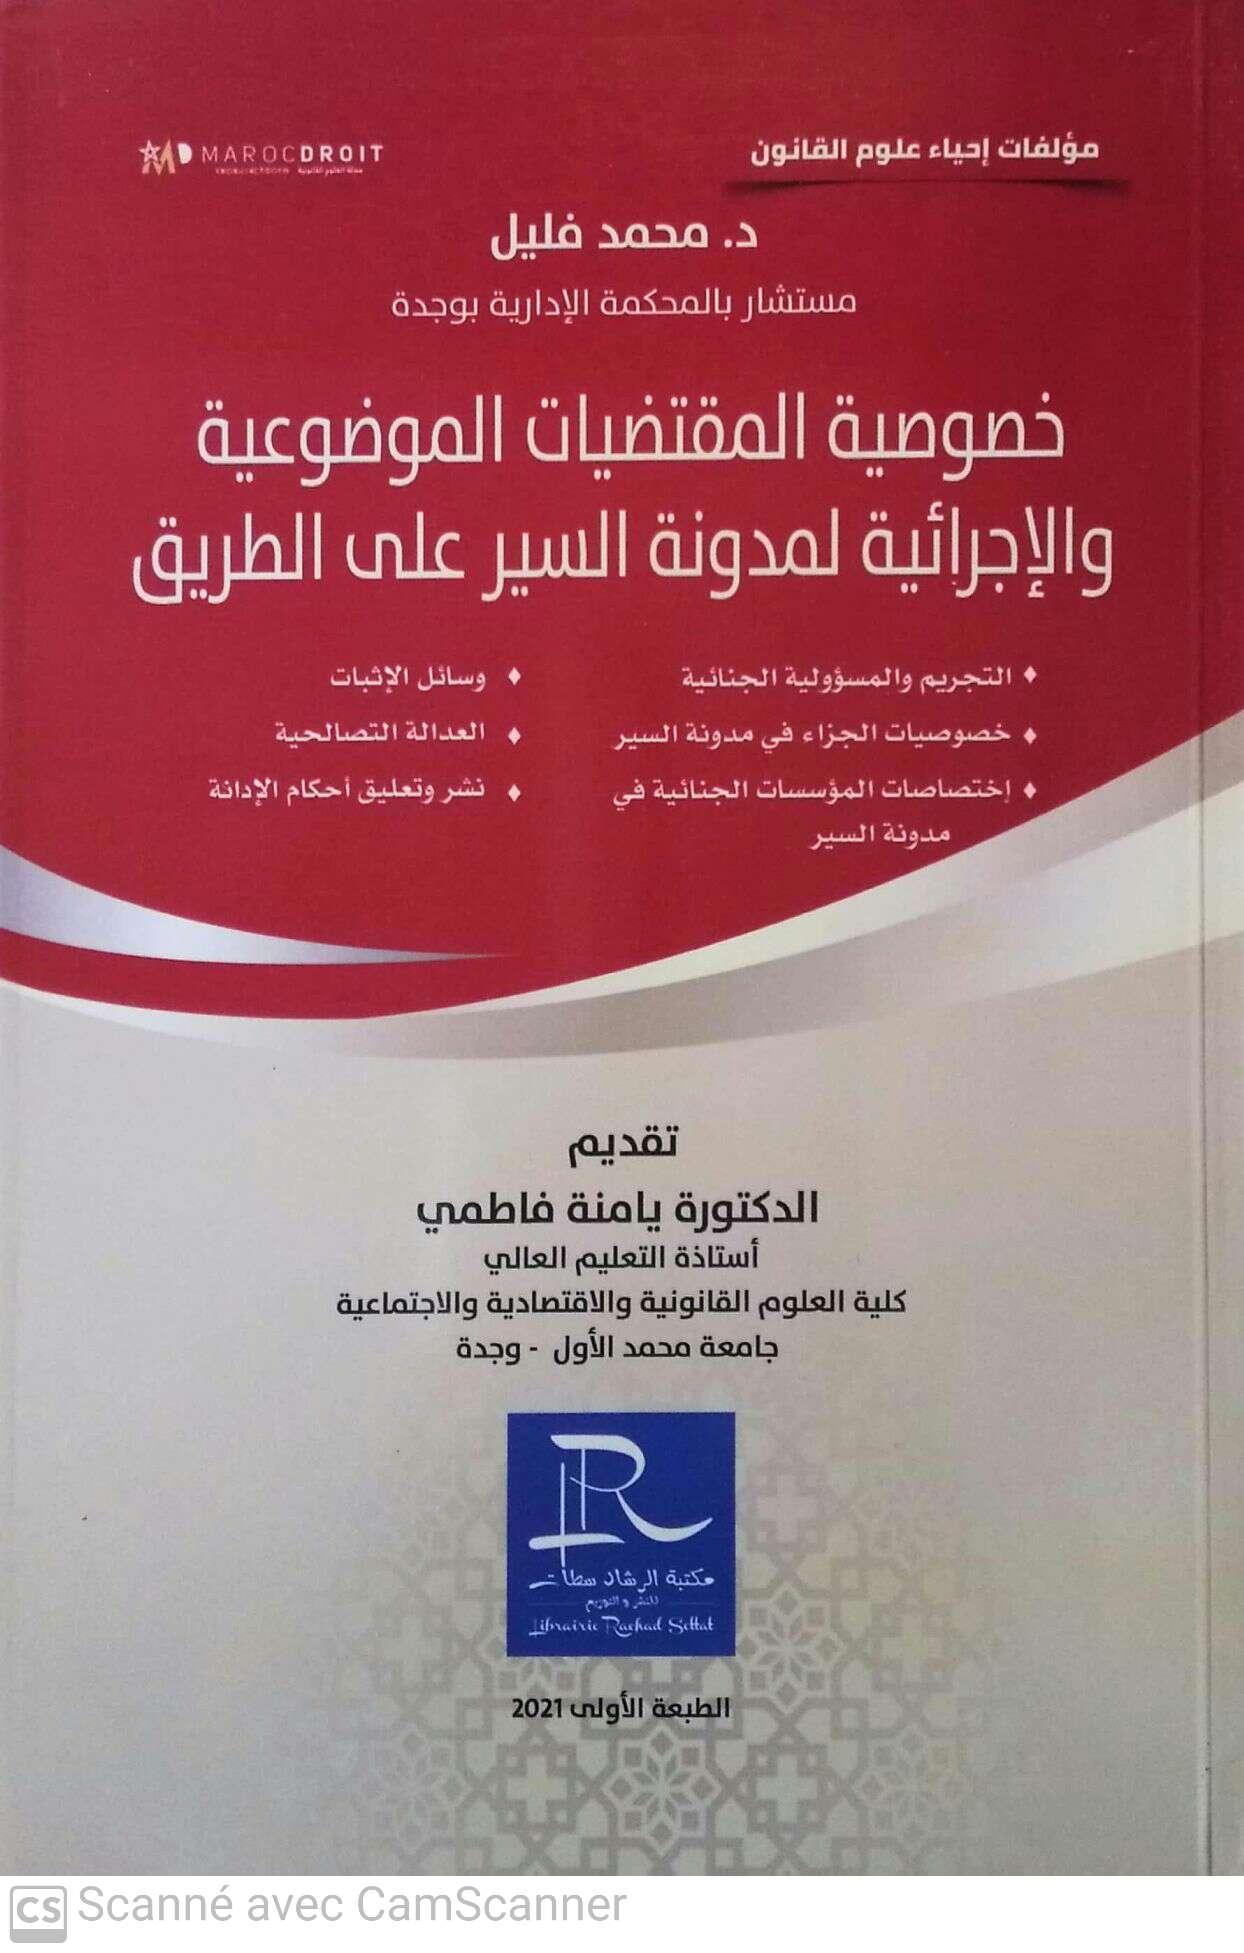 أهم مرجع في مجال مدونة السير يصدر سنة 2021 للدكتور محمد فليل تحت عنوان خصوصية القواعد الموضوعية والاجرائية للمقتضيات الجنائية لمدونة السير على الطرق